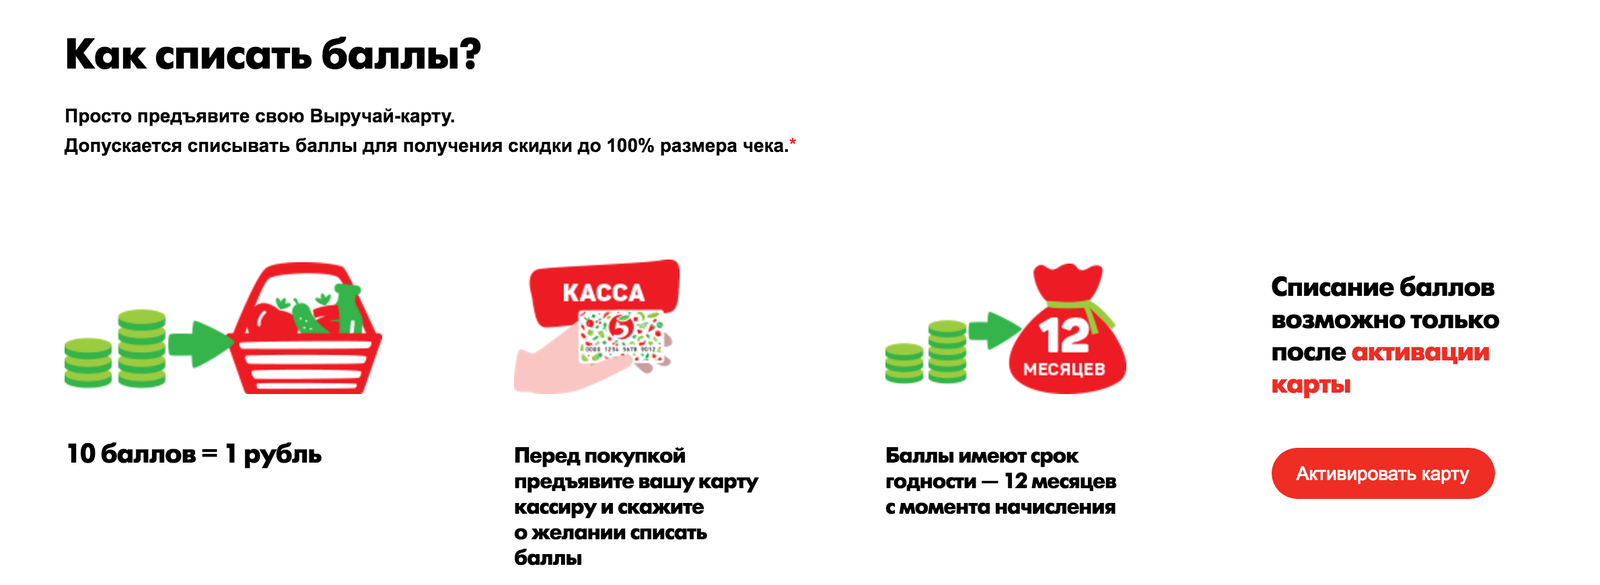 сколько рублей стоит 1 балл в пятерочке